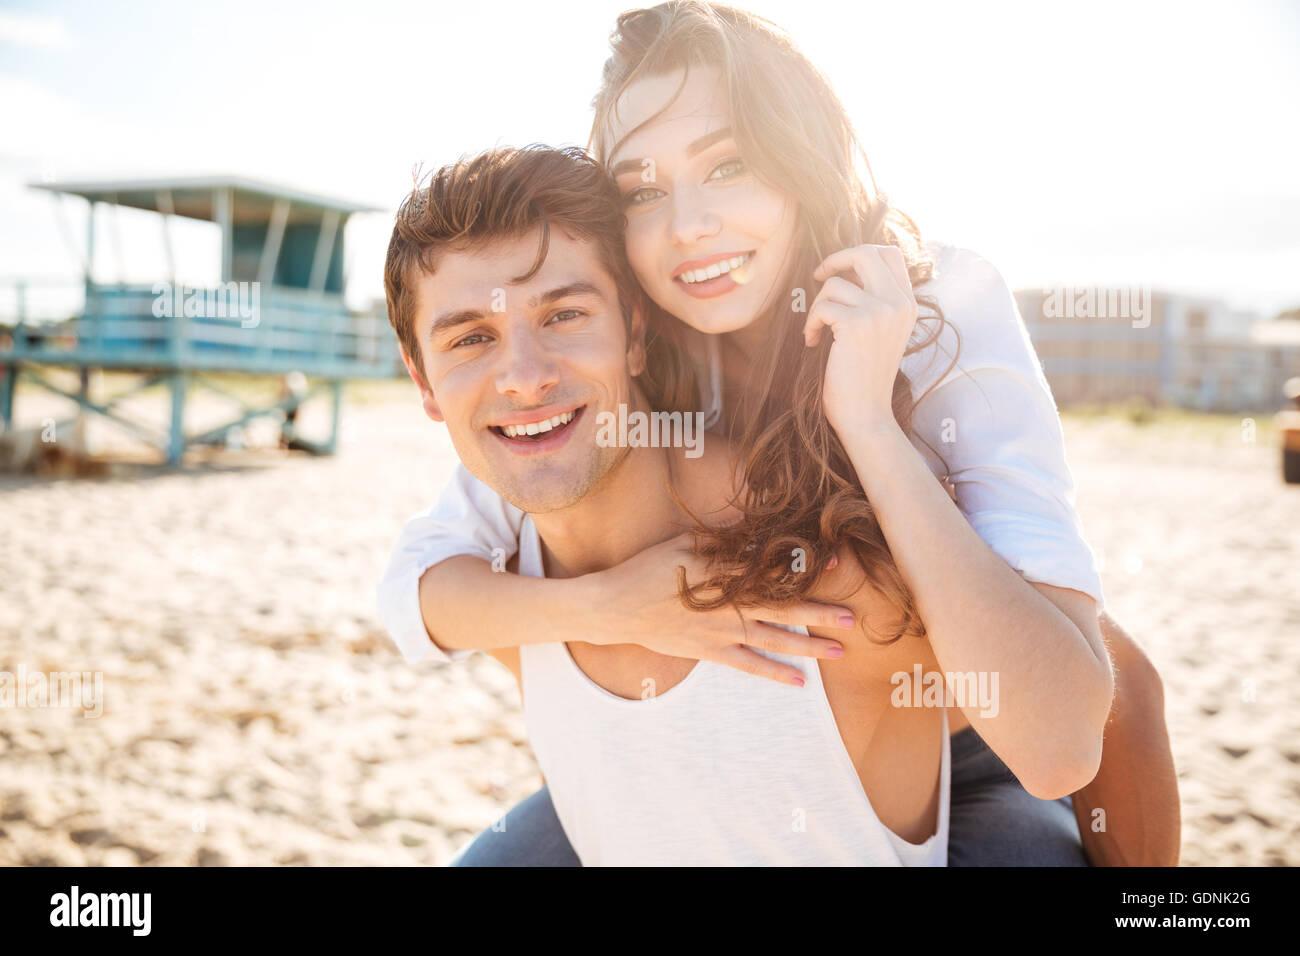 Feliz pareja joven divirtiéndose en la playa Imagen De Stock